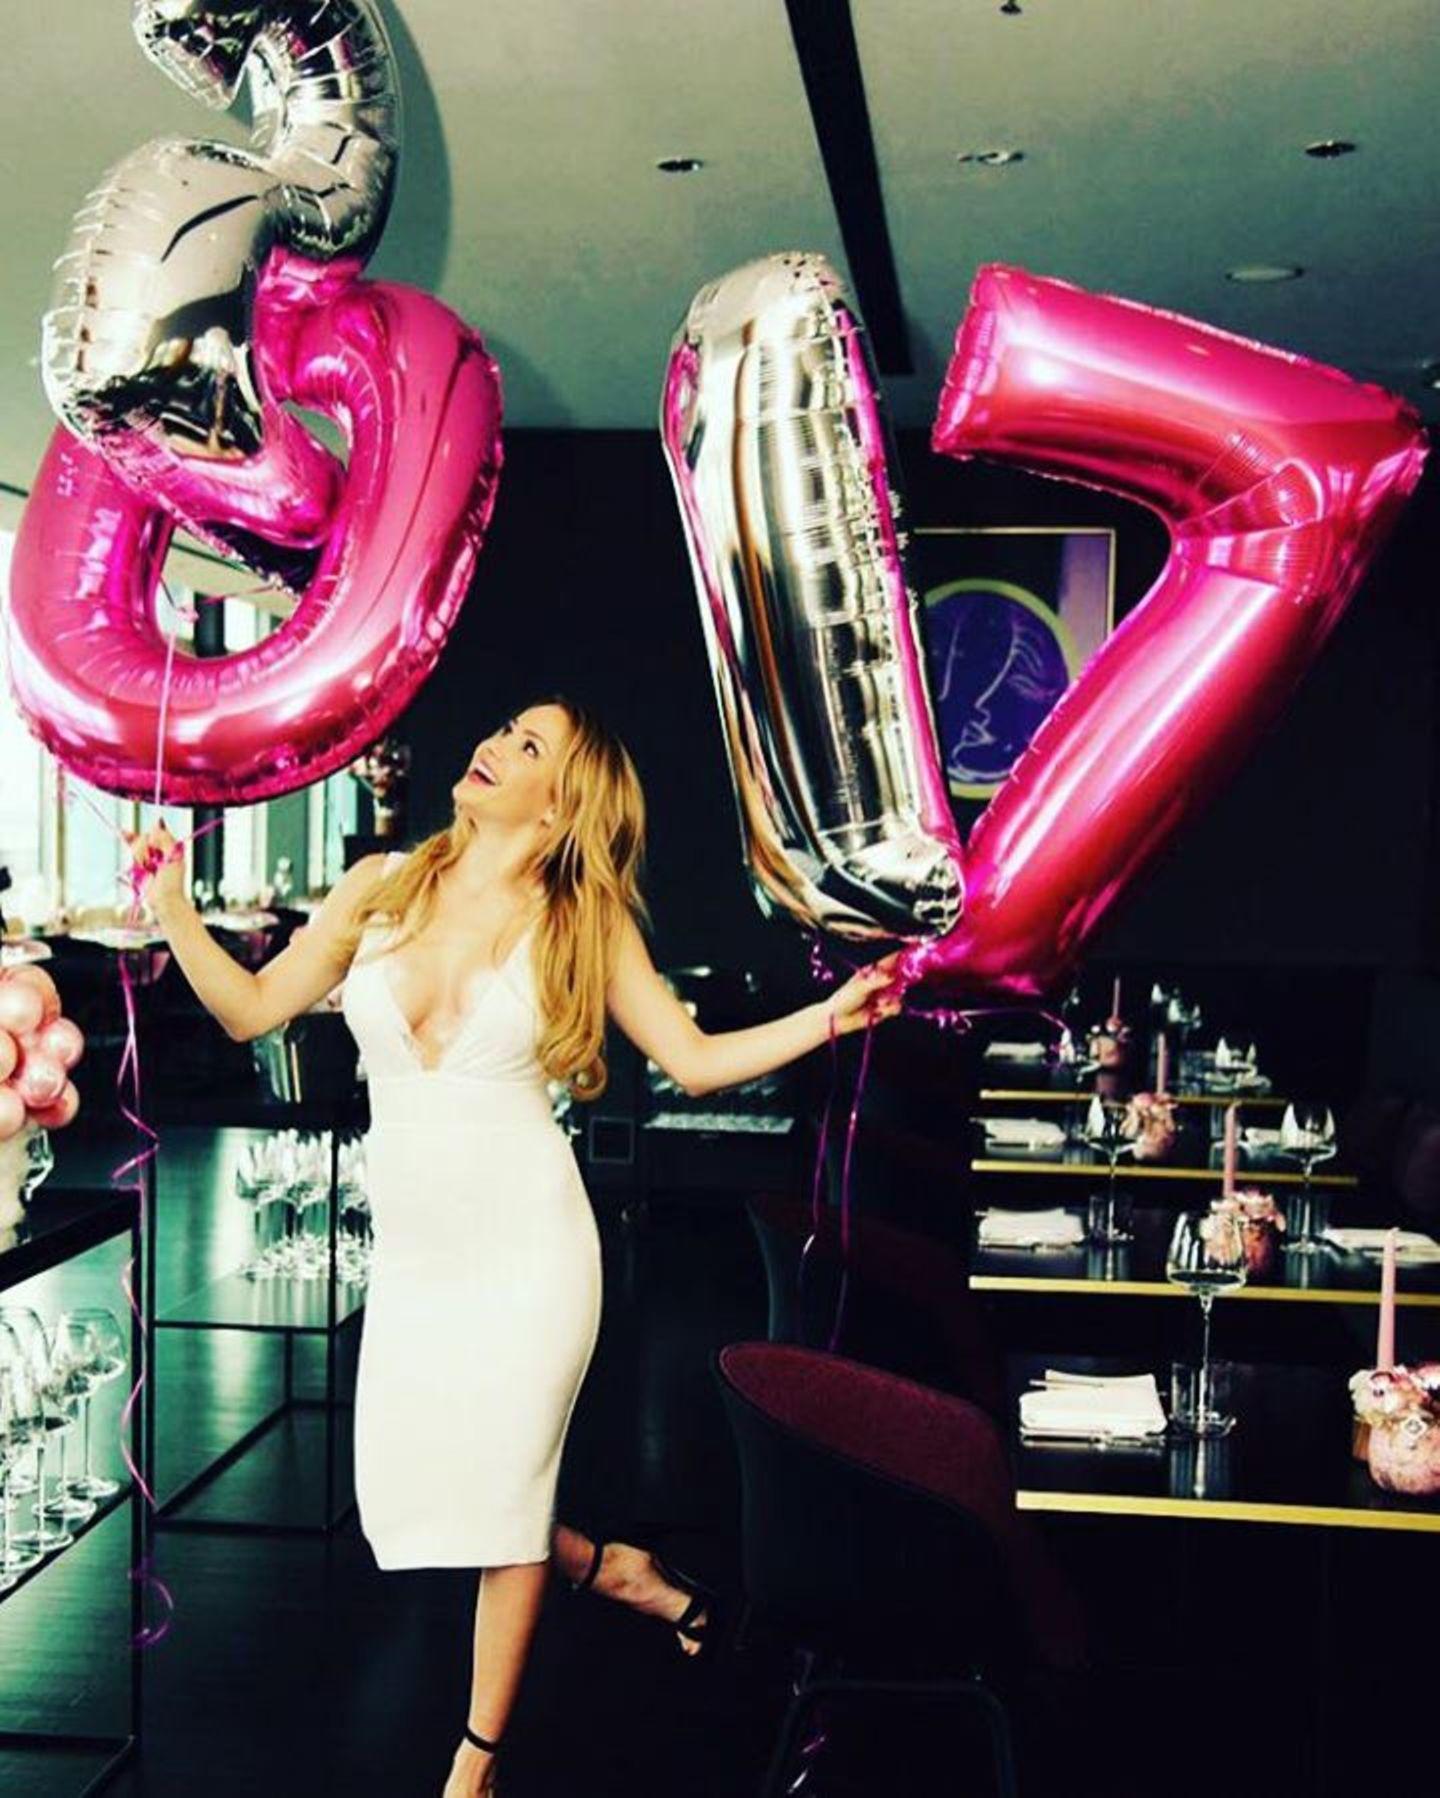 Angelina Heger freut sich auf 2017. Im neuen Jahr läuft es für die Blondine hoffentlich auch in der Liebe wieder besser. 2016 musste sie gleich zwei Trennungen verkraften: Ihre Beziehungen mit Rocco Stark und Leonard Freier scheiterten.